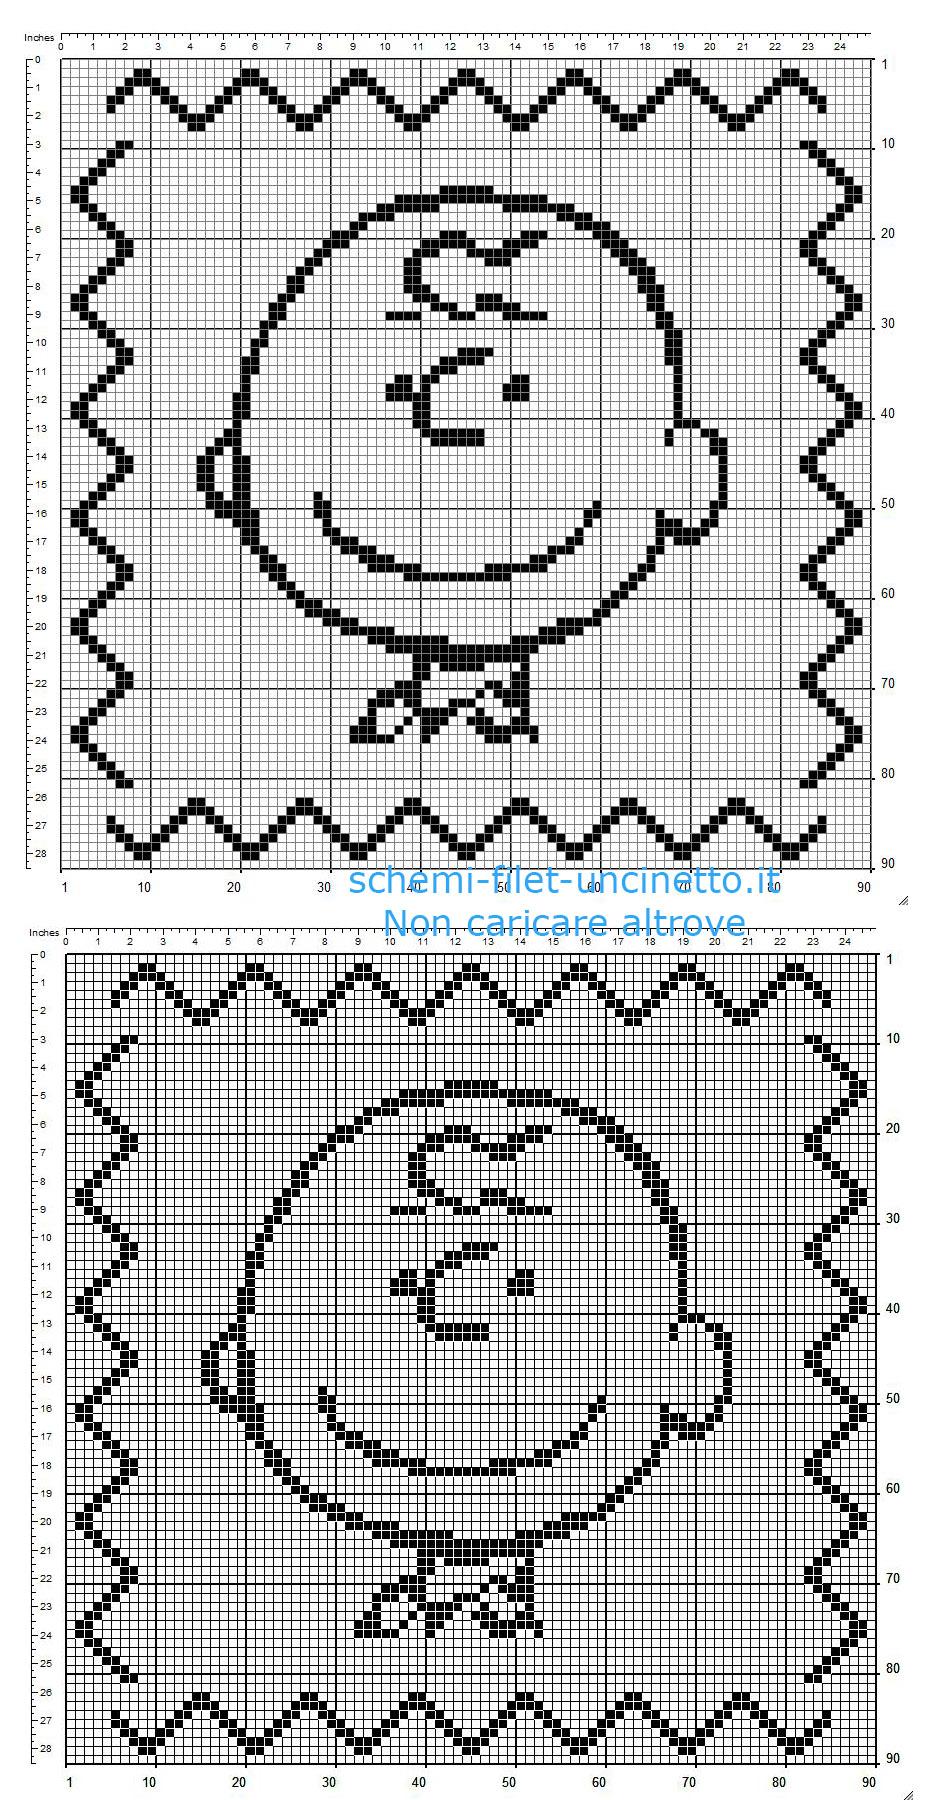 Cuscino bambino uncinetto filet con Charlie Brown schema gratis 90 x 90 quadretti